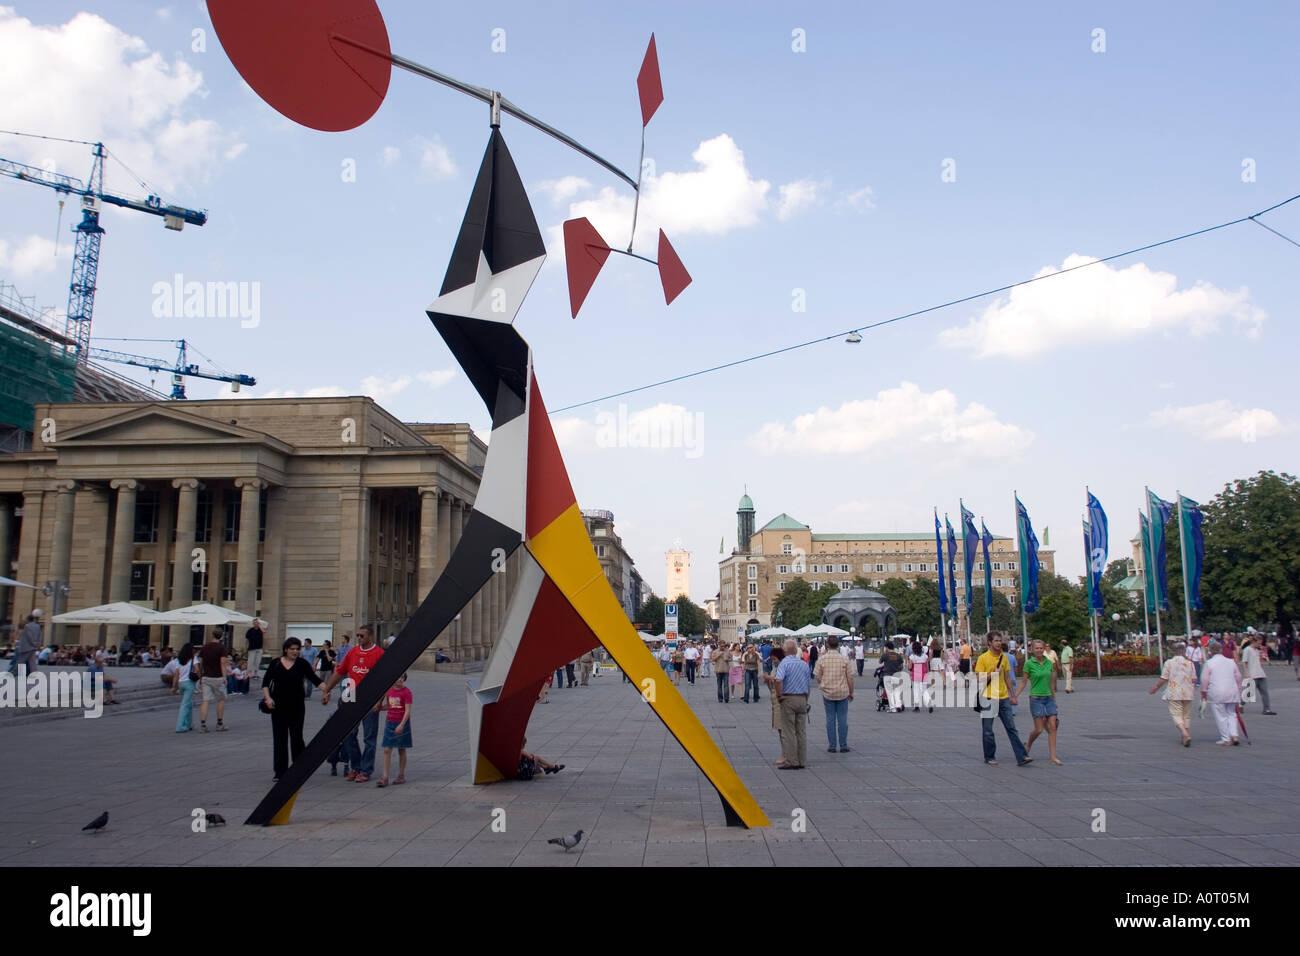 Alexander Calder s mobile statue and people on Konigstrasse King street pedestrianised main shopping street Stuttgart - Stock Image